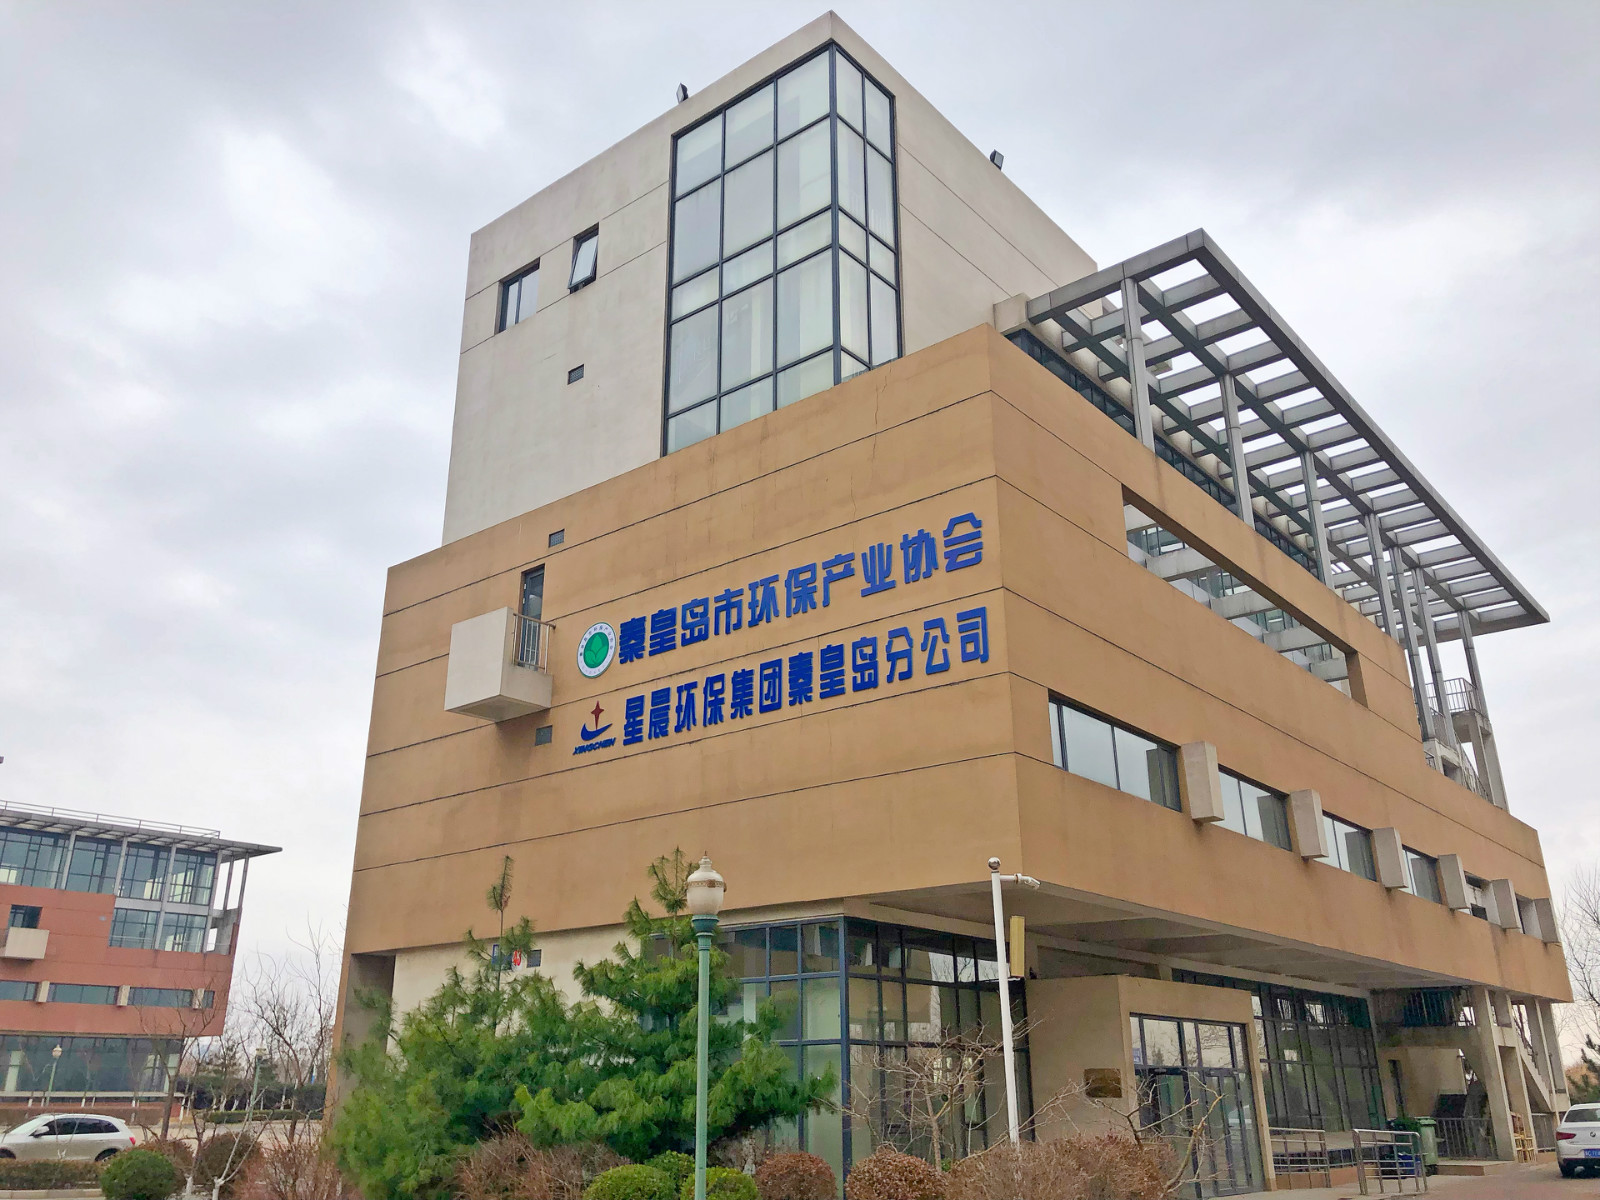 江苏商会成员参观考察我公司秦皇岛分公司